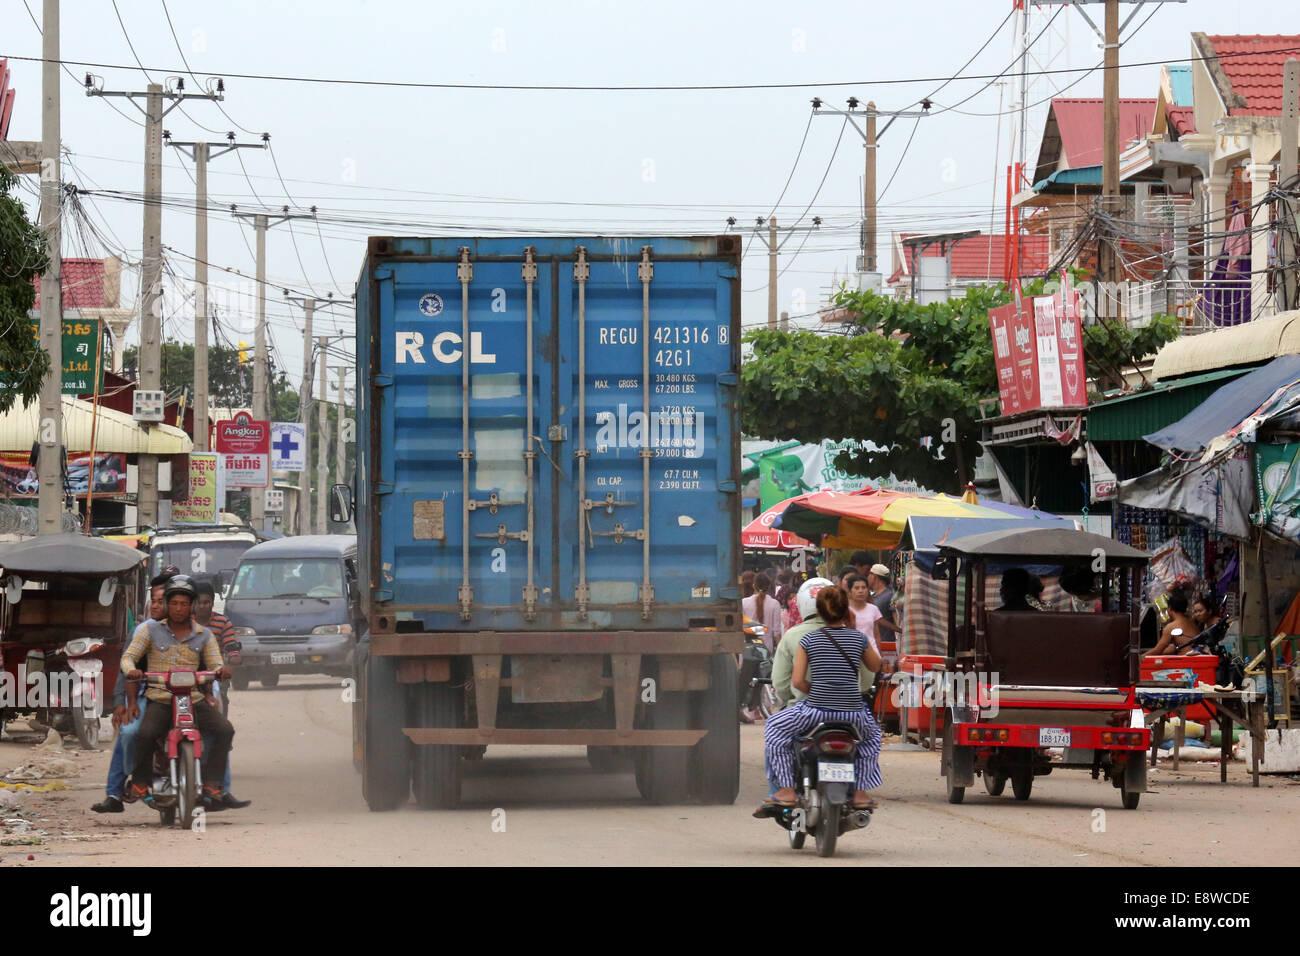 Carrello con contenitore di indumenti da fabbriche tessili in Phnom Penh Cambogia Immagini Stock